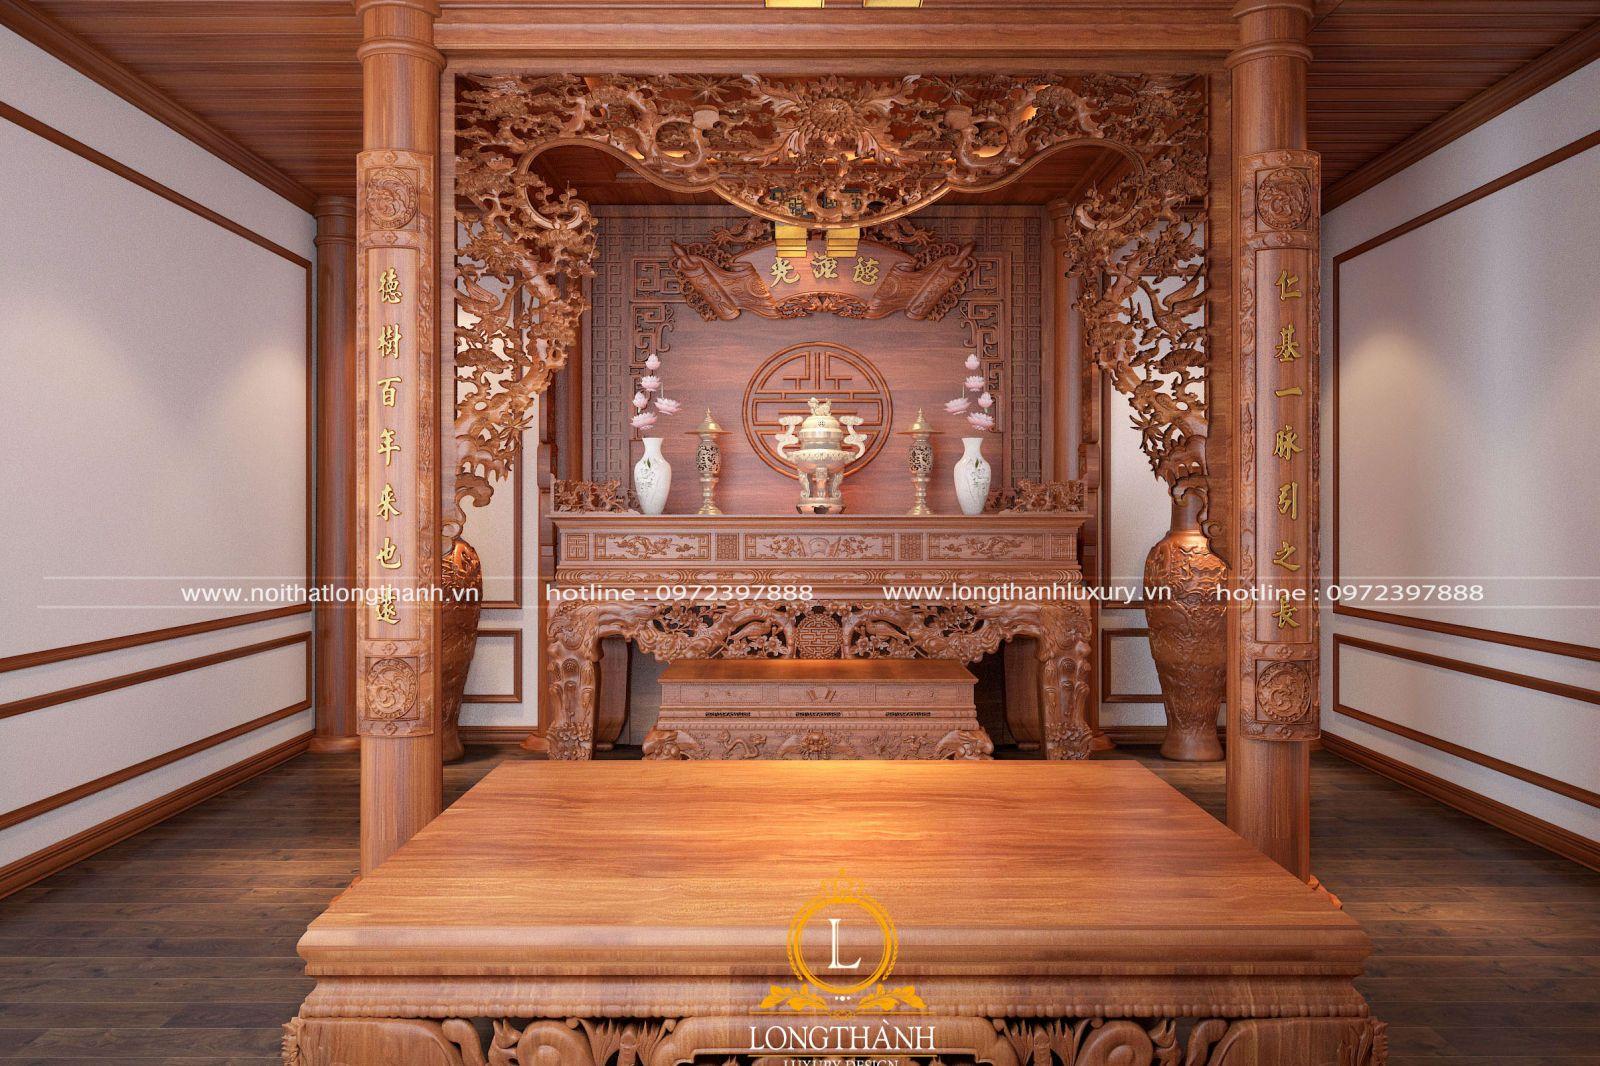 Mẫu phòng thờ tân cổ điển gỗ Gõ đỏ LT01